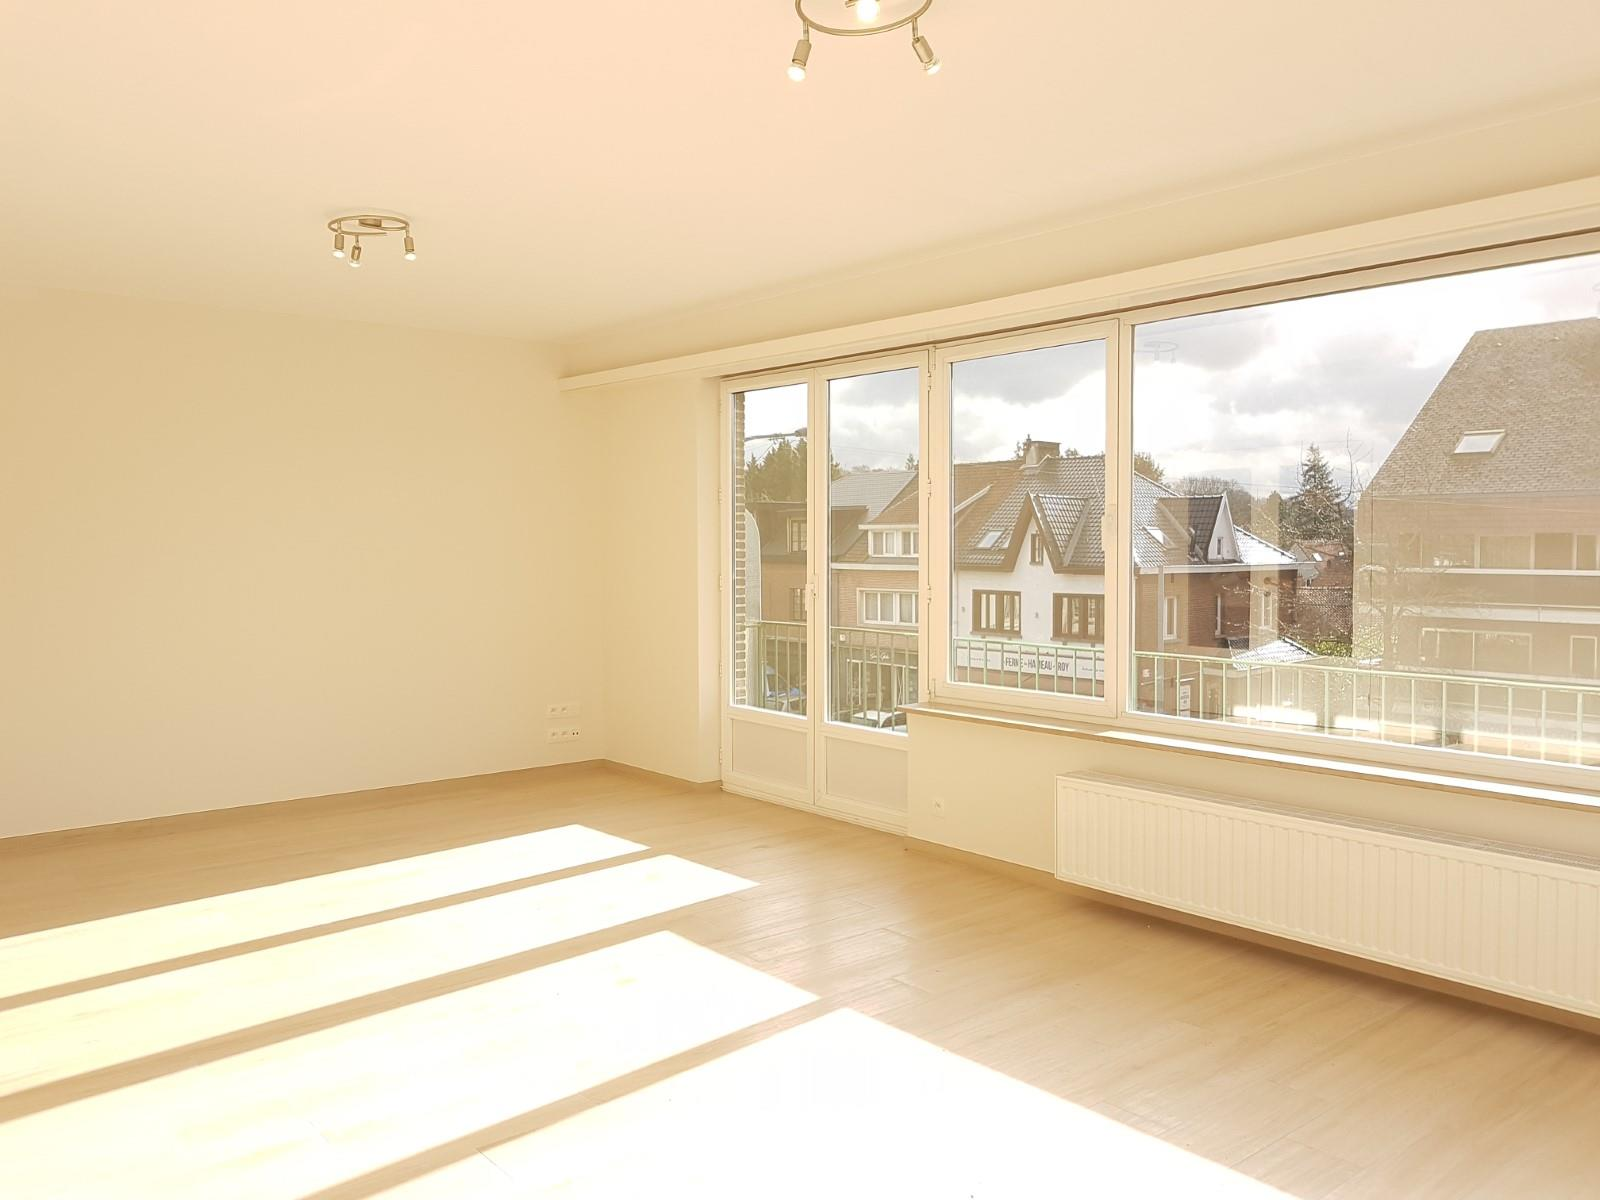 Appartement exceptionnel - Rhode-Saint-Genèse - #4056371-26